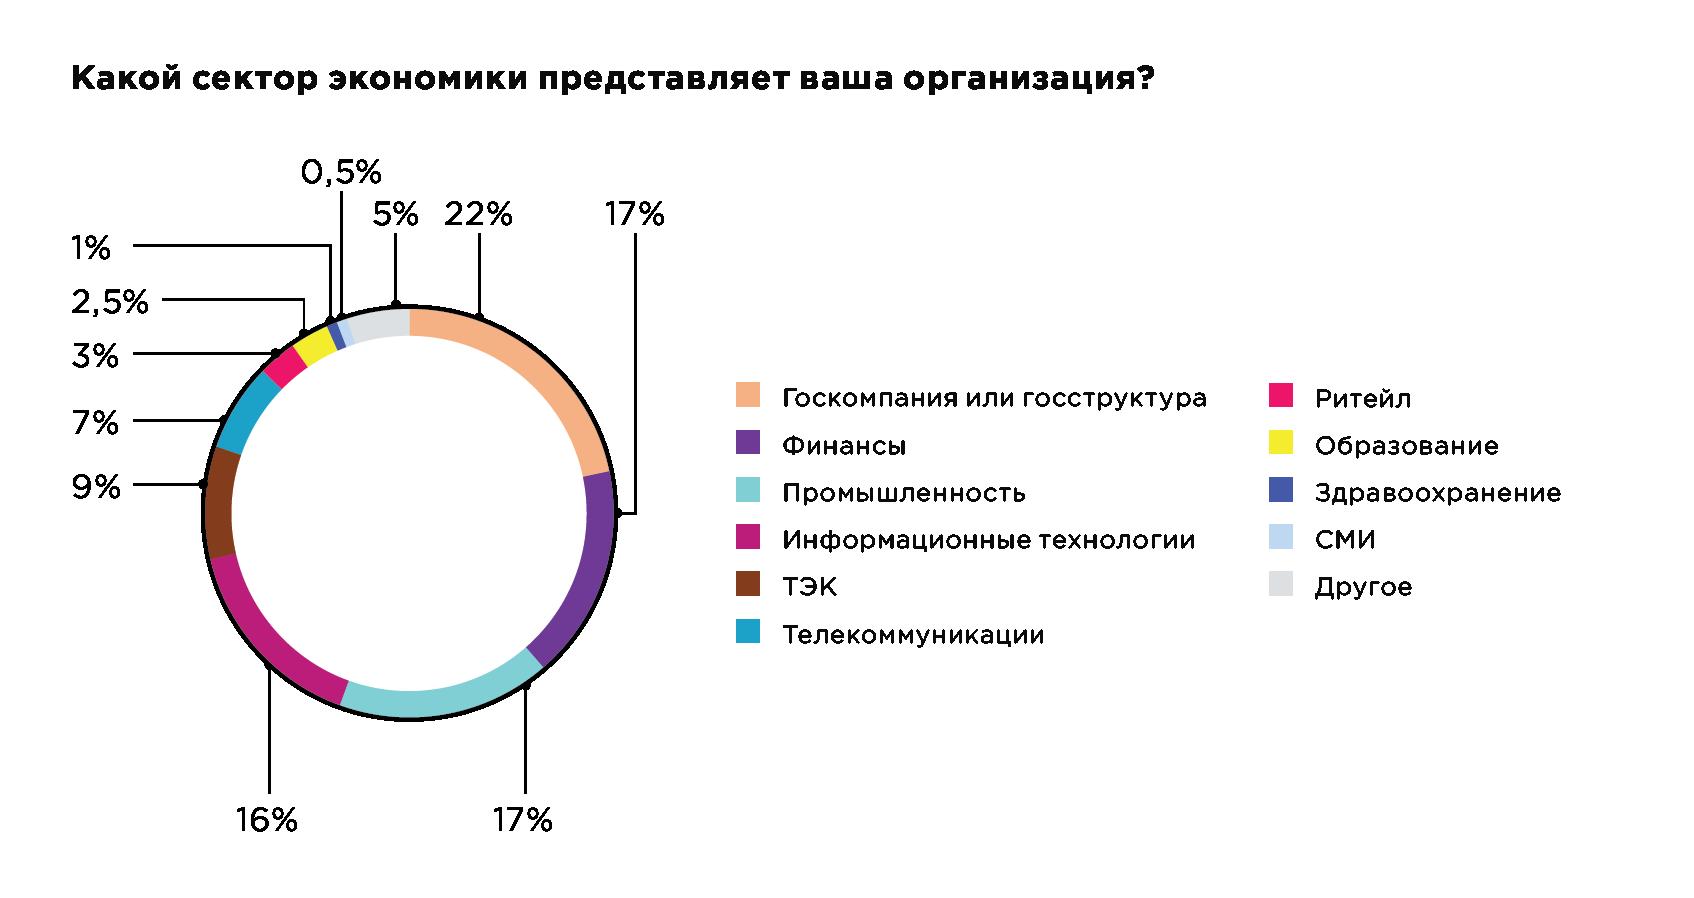 Какой сектор экономики представляет ваша организация?